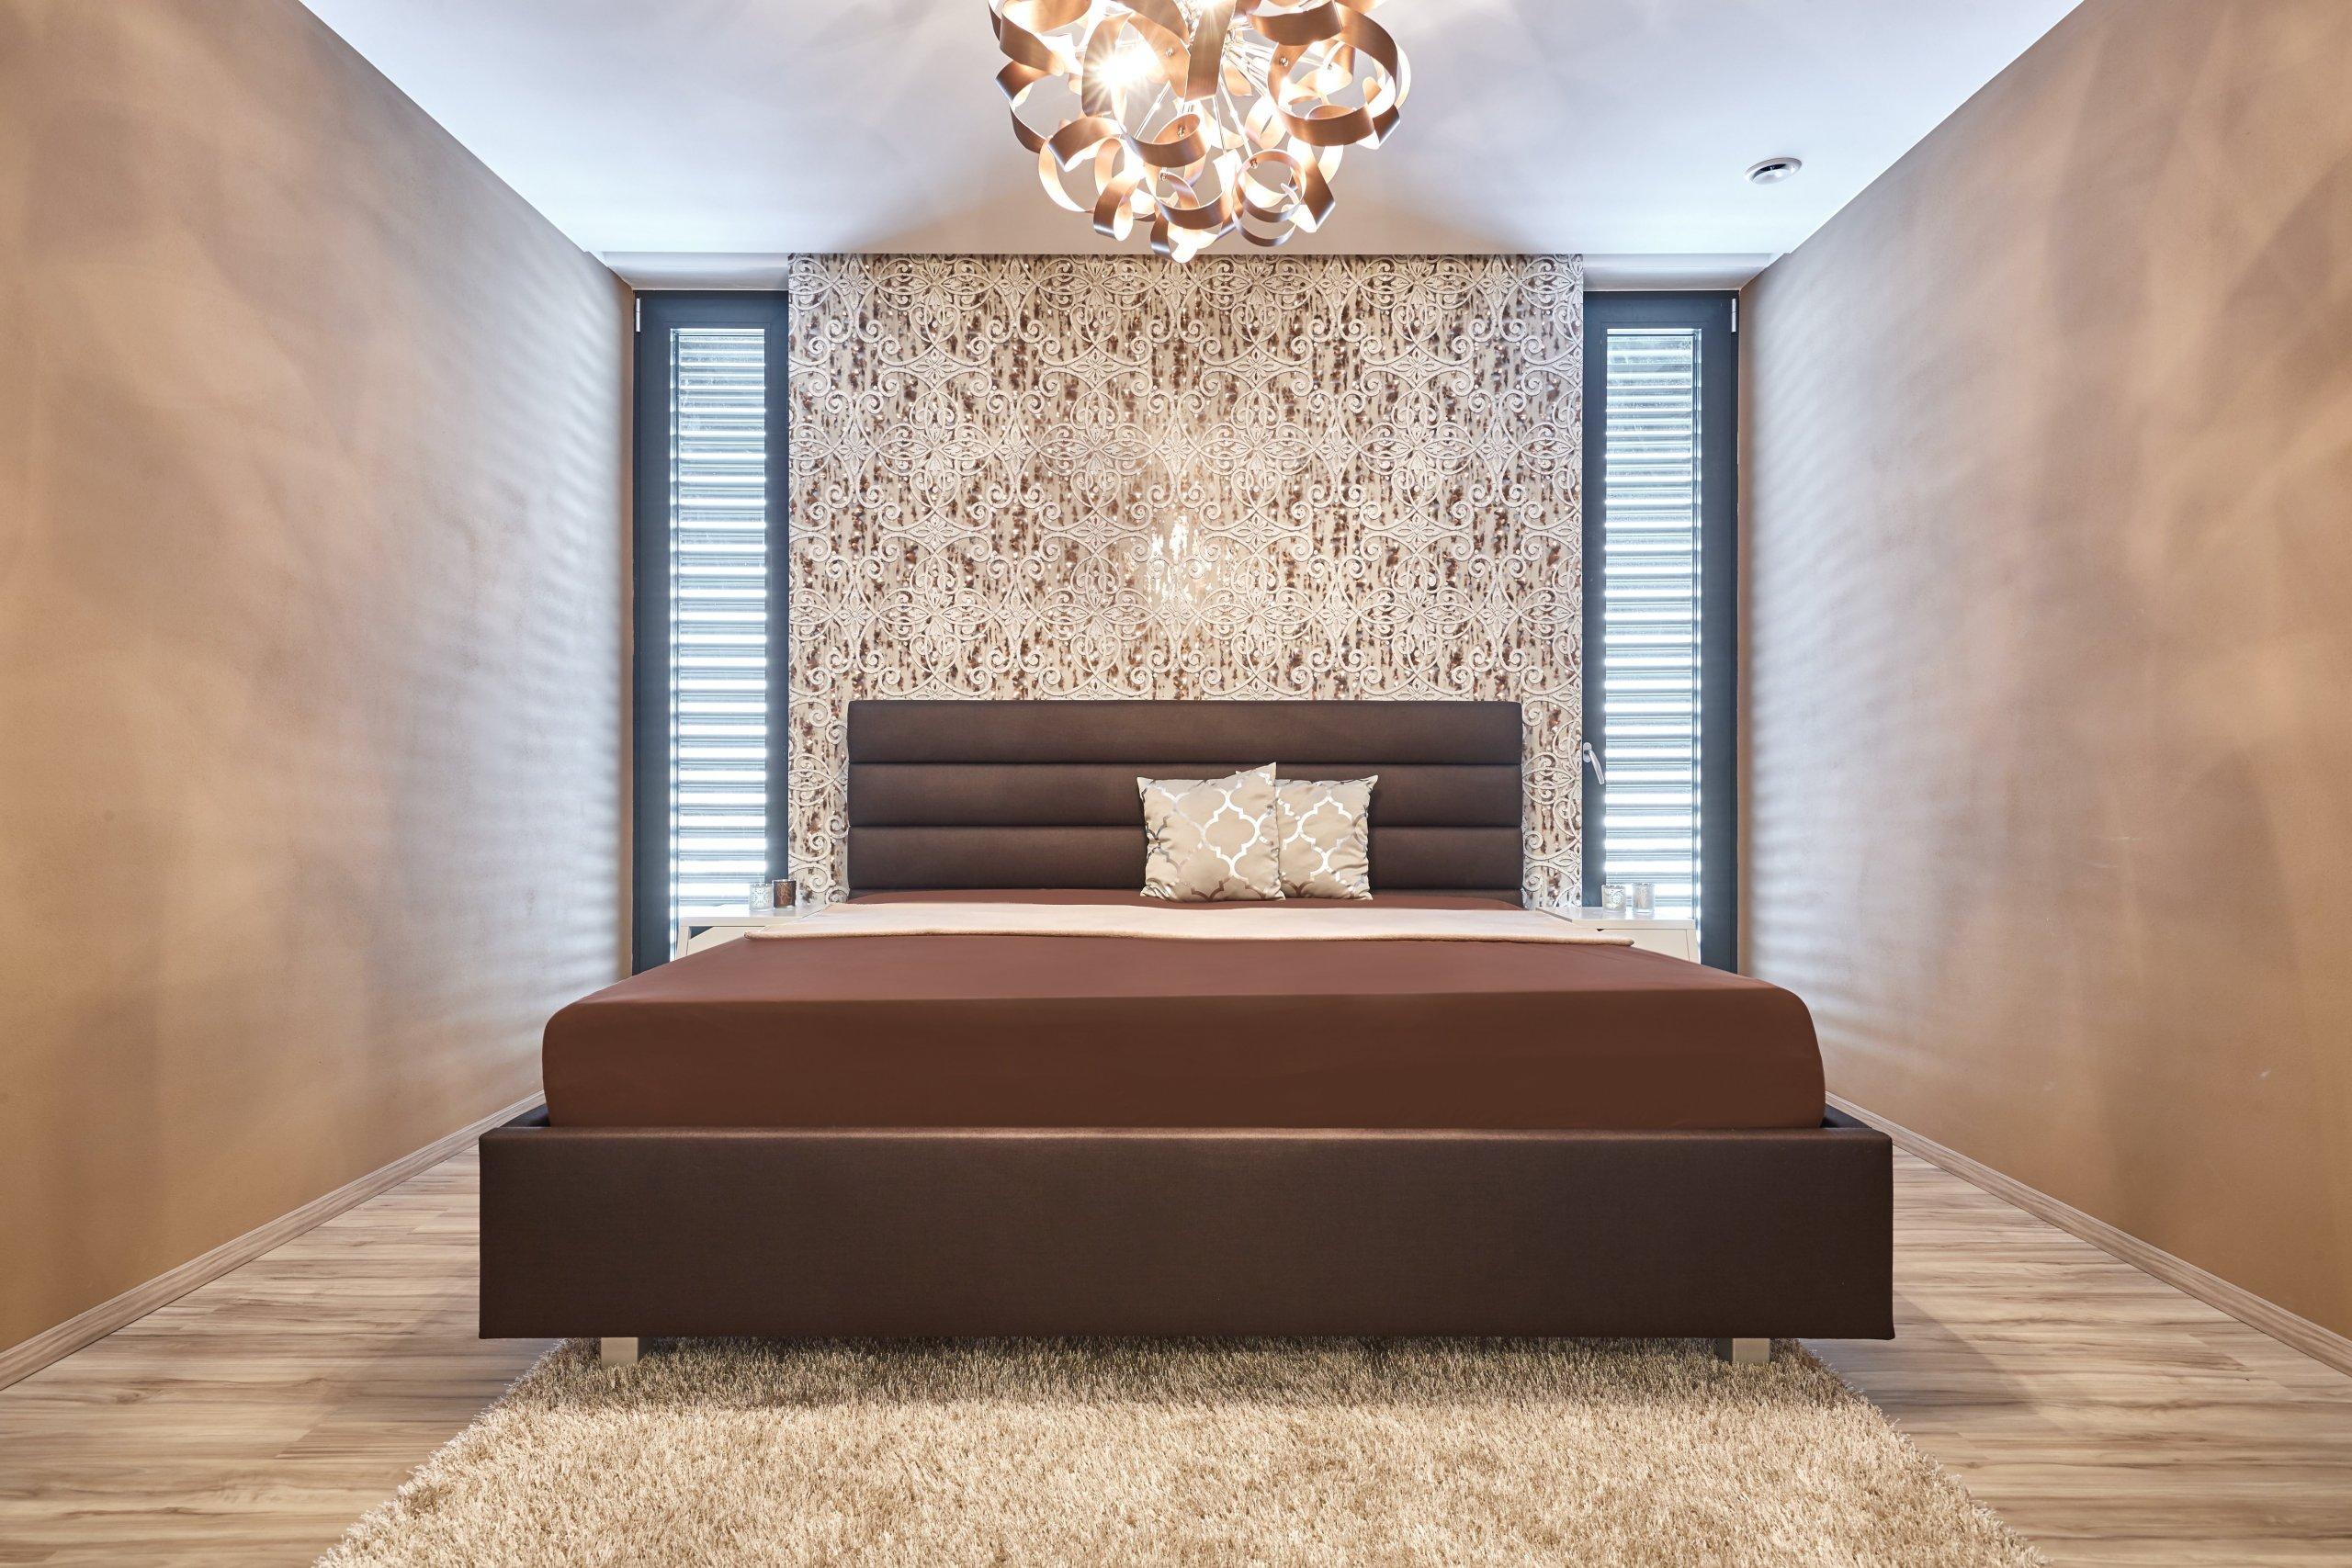 Luxusní 3D tapeta a závěsný lustr s kovových efektem tvoří dominanty této místnosti. Pro harmonii a odpočinek může být interiér doplněn o mandalu v podobě kulatého koberečku, nebo naopak pro zachování jednoduchosti, bílý koberec.